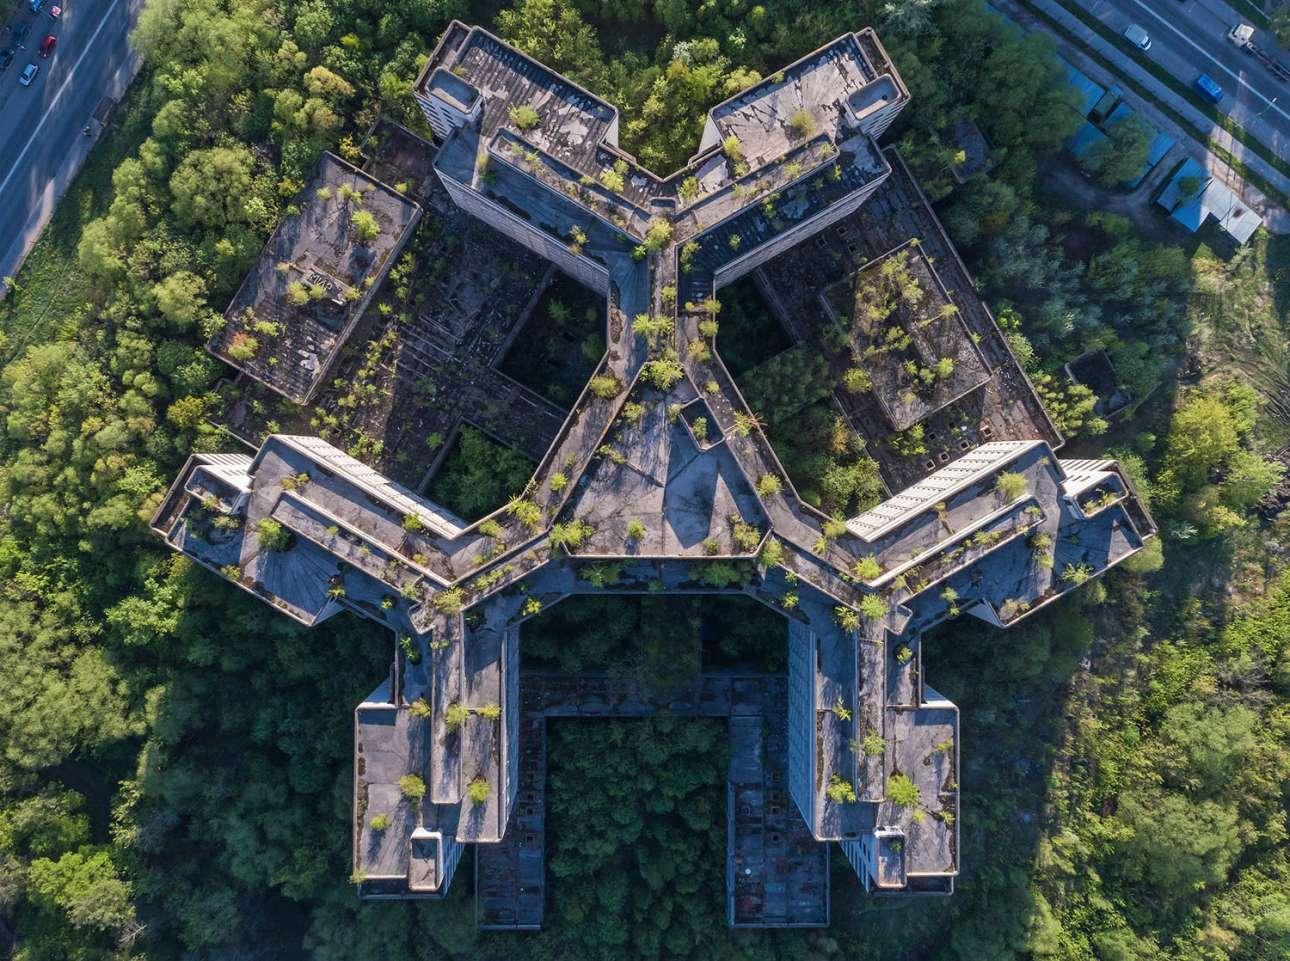 Ενα νοσοκομείο που εγκαταλείφθηκε ημιτελές: το Χόβρινο, στη Μόσχα, αν και μέρος του αστικού ιστού, «καταπίνεται» από τη φύση (αεροφωτογραφία του 2017)